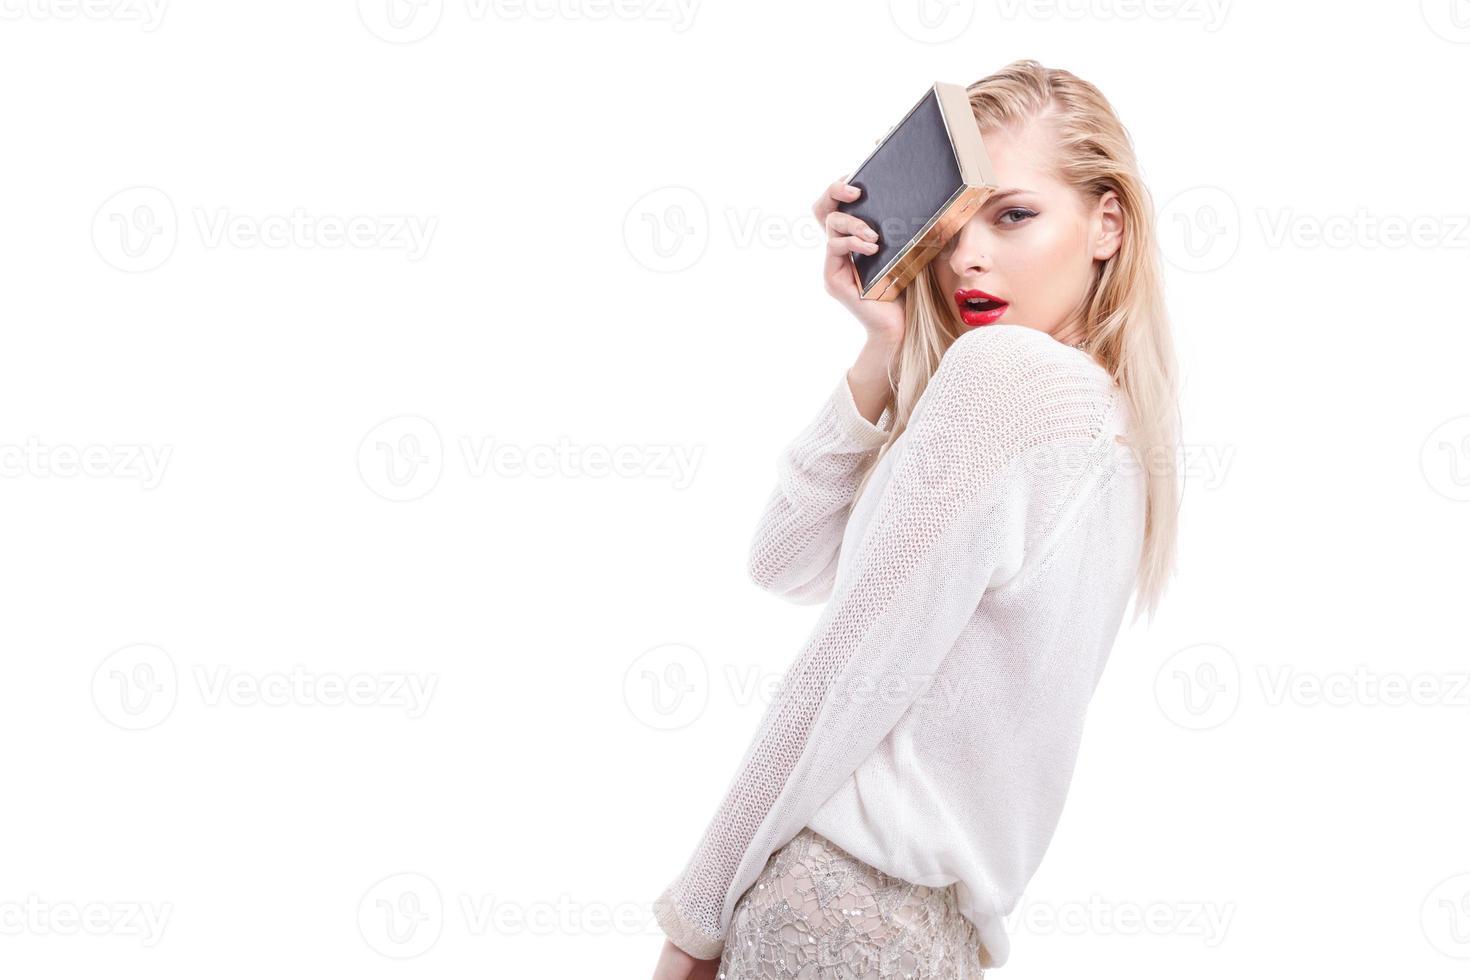 schönes Mädchen hellen Abend Make-up roten Lippenstift. Modefeier, Verkauf foto